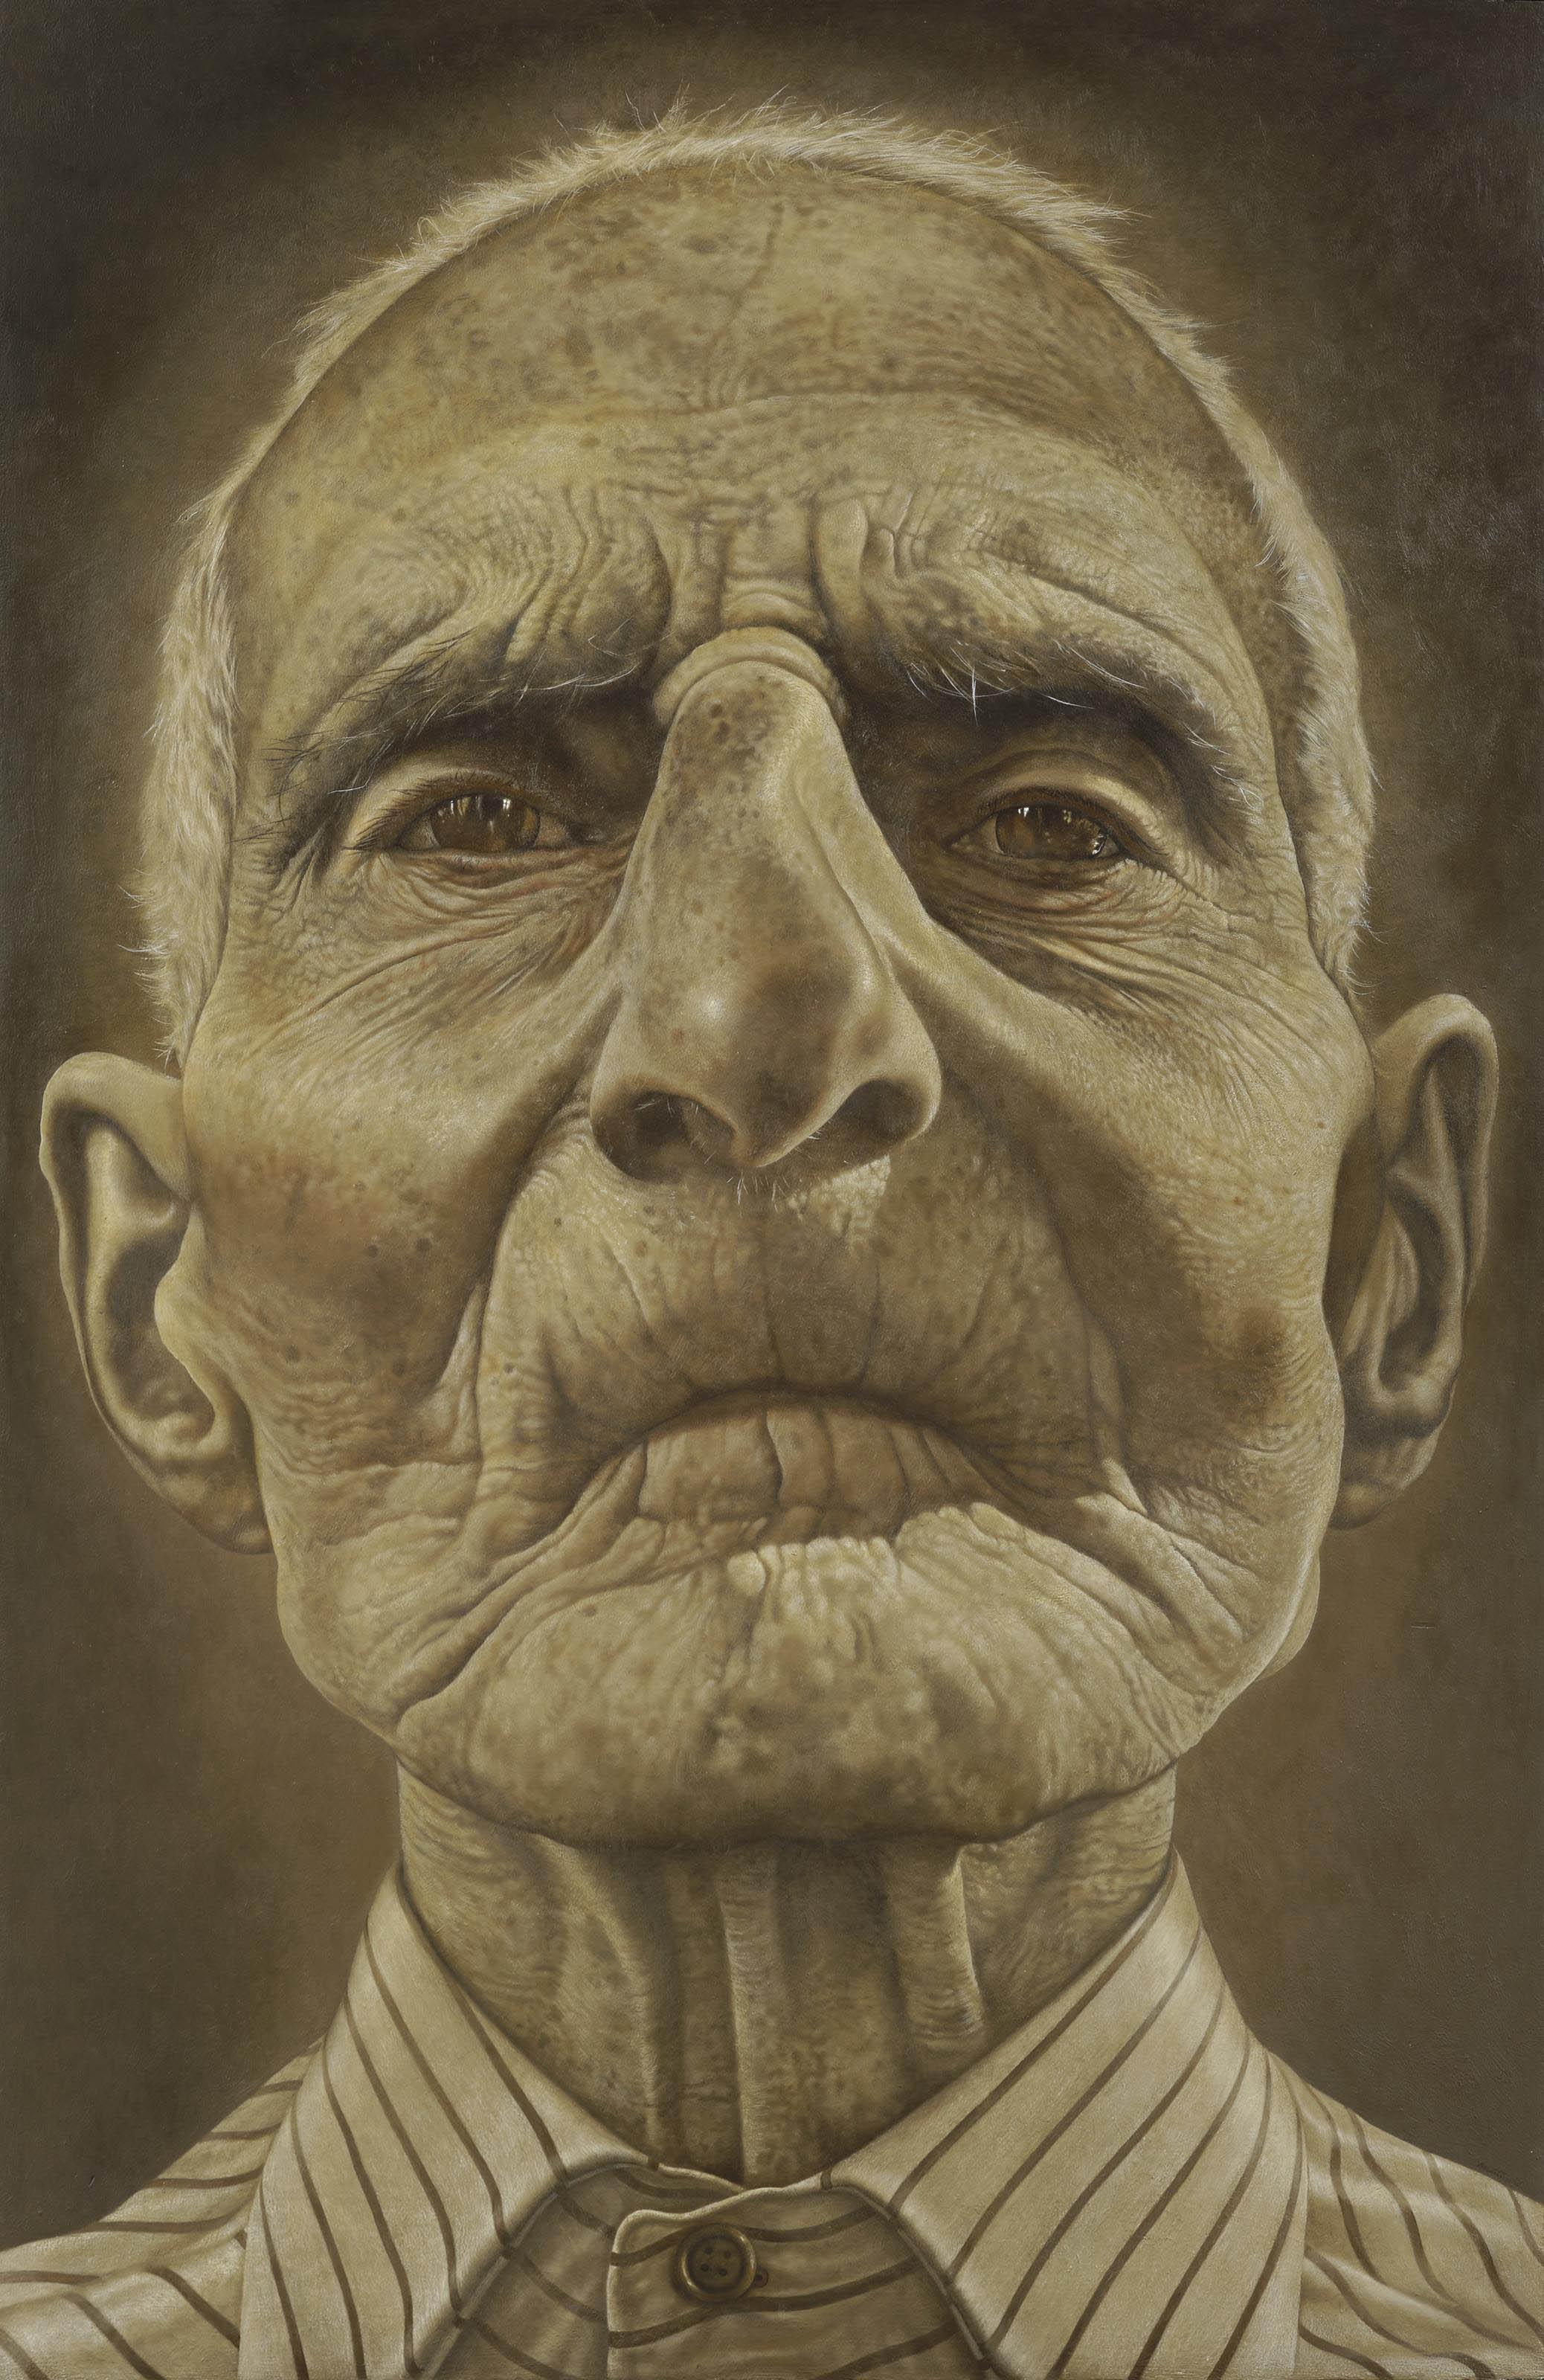 Andrea Martinelli. Il volto del grande nonno